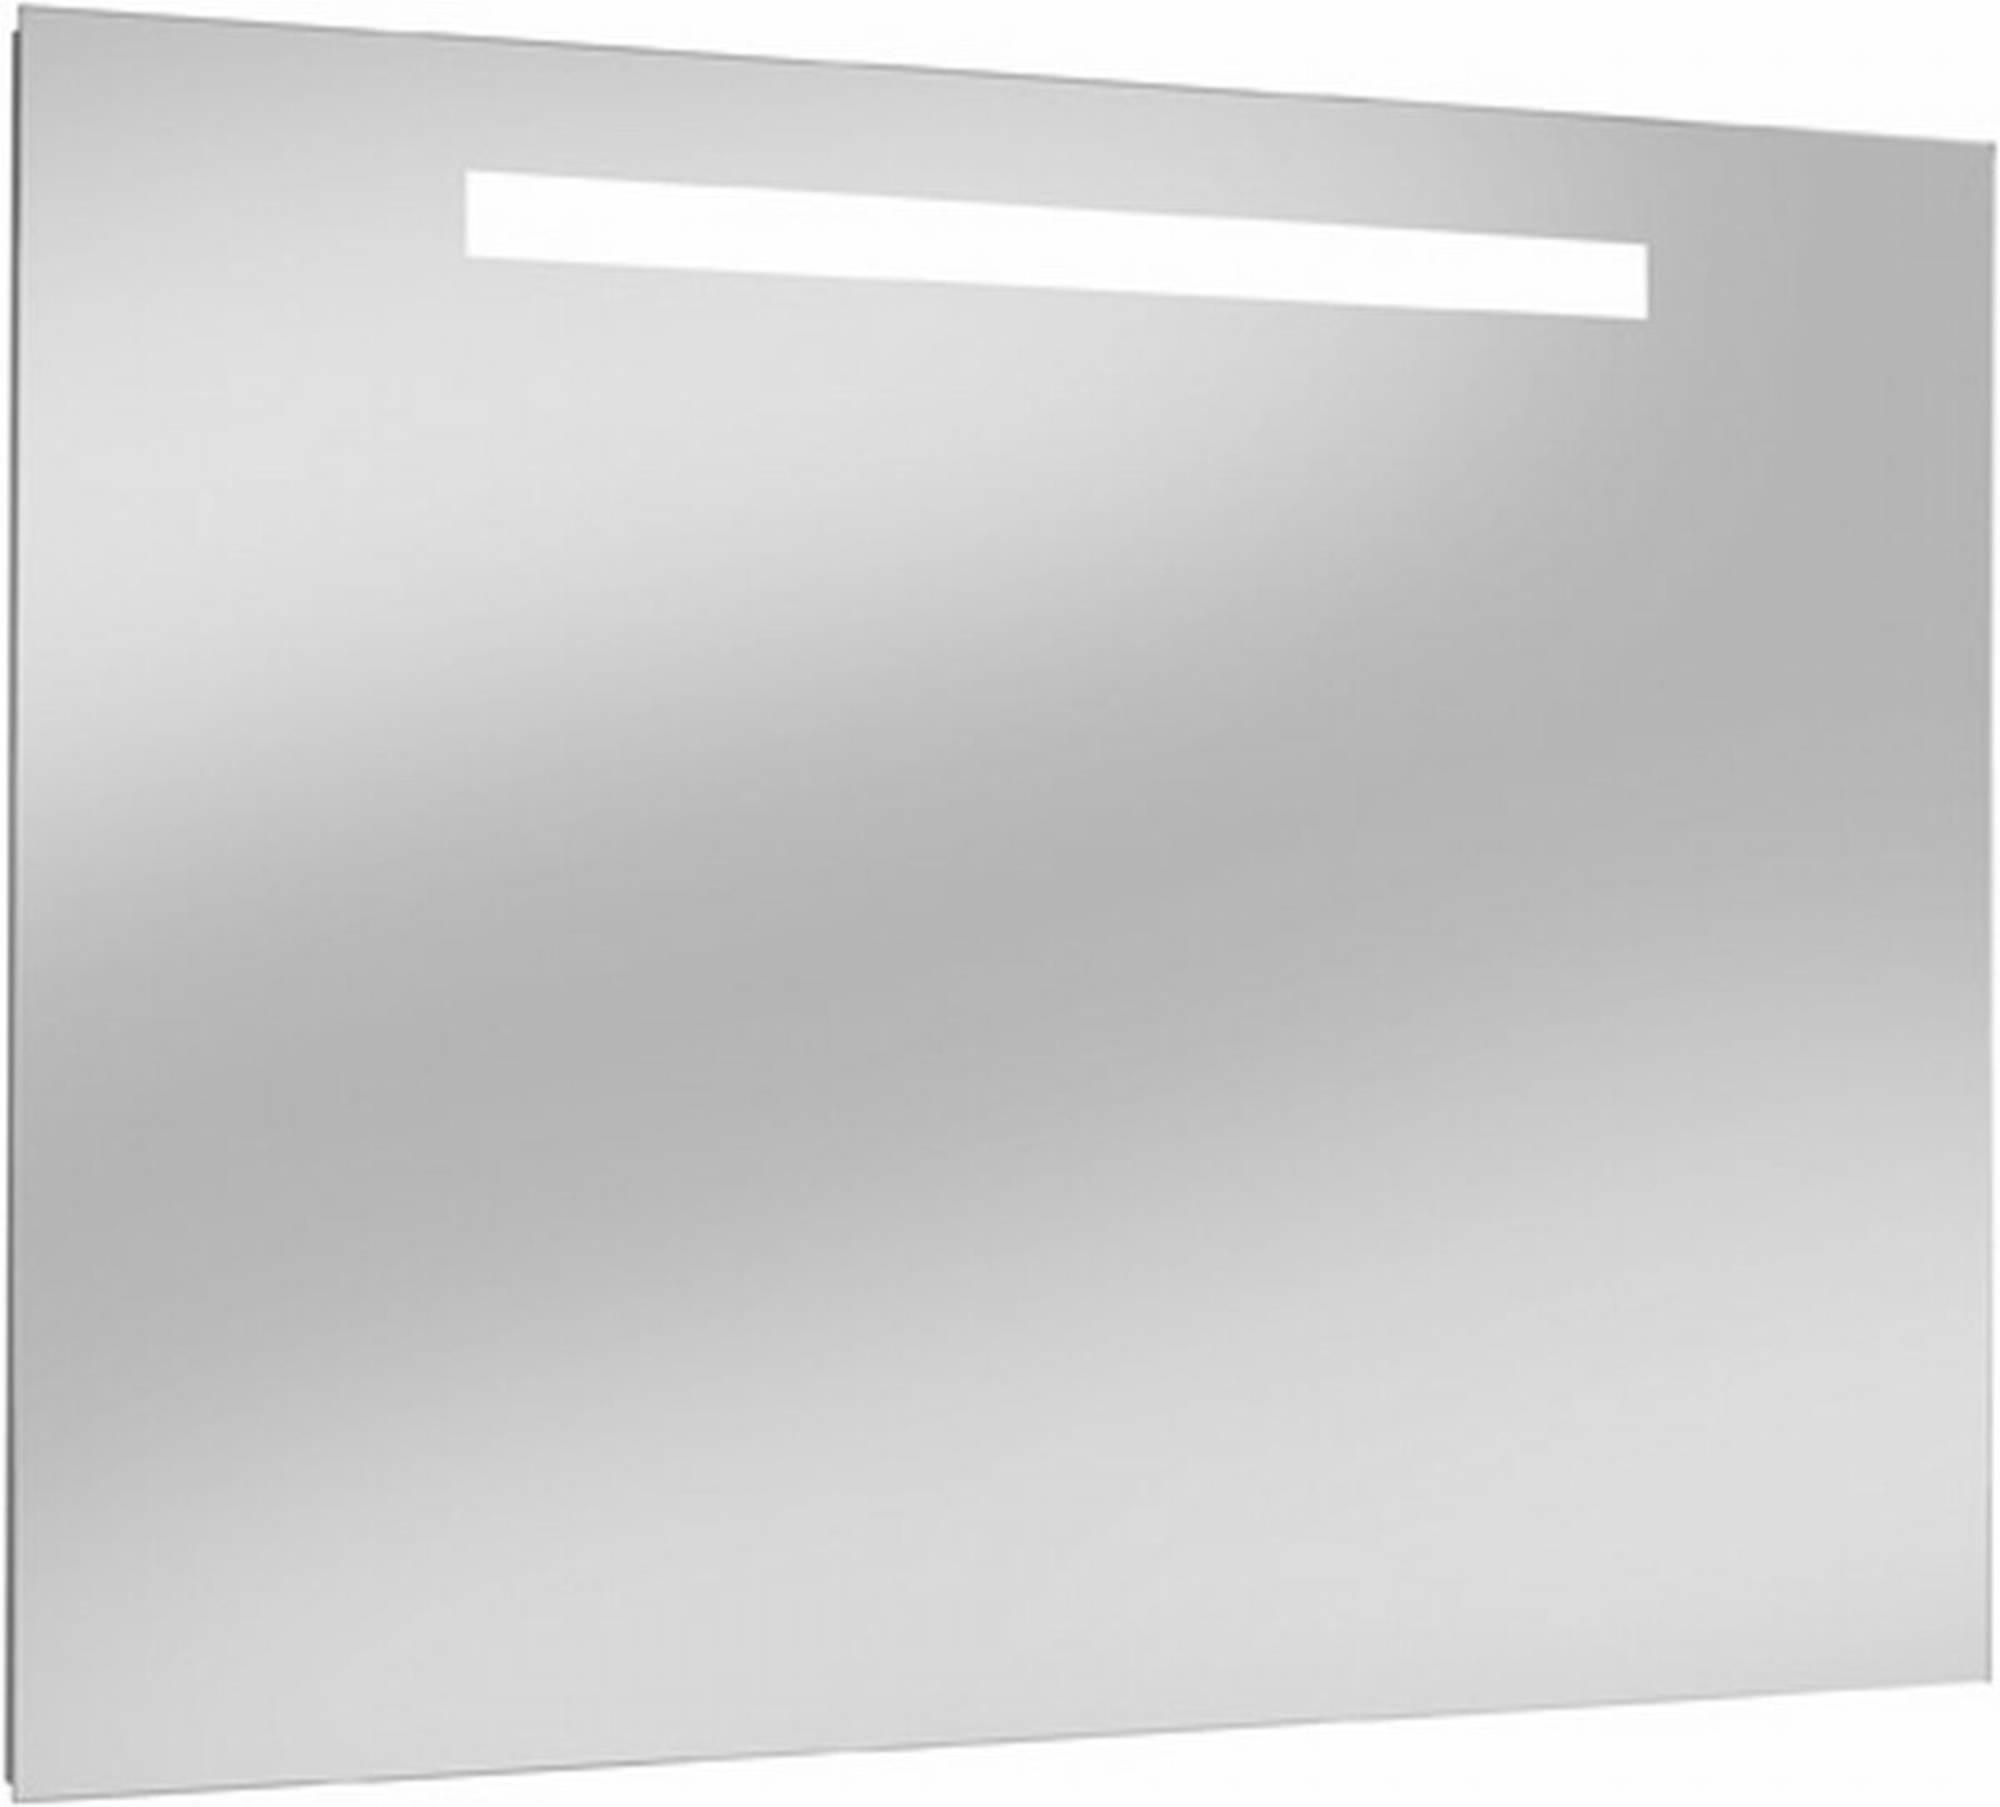 Villeroy & Boch spiegel 130x60x3 cm. met led verlichting